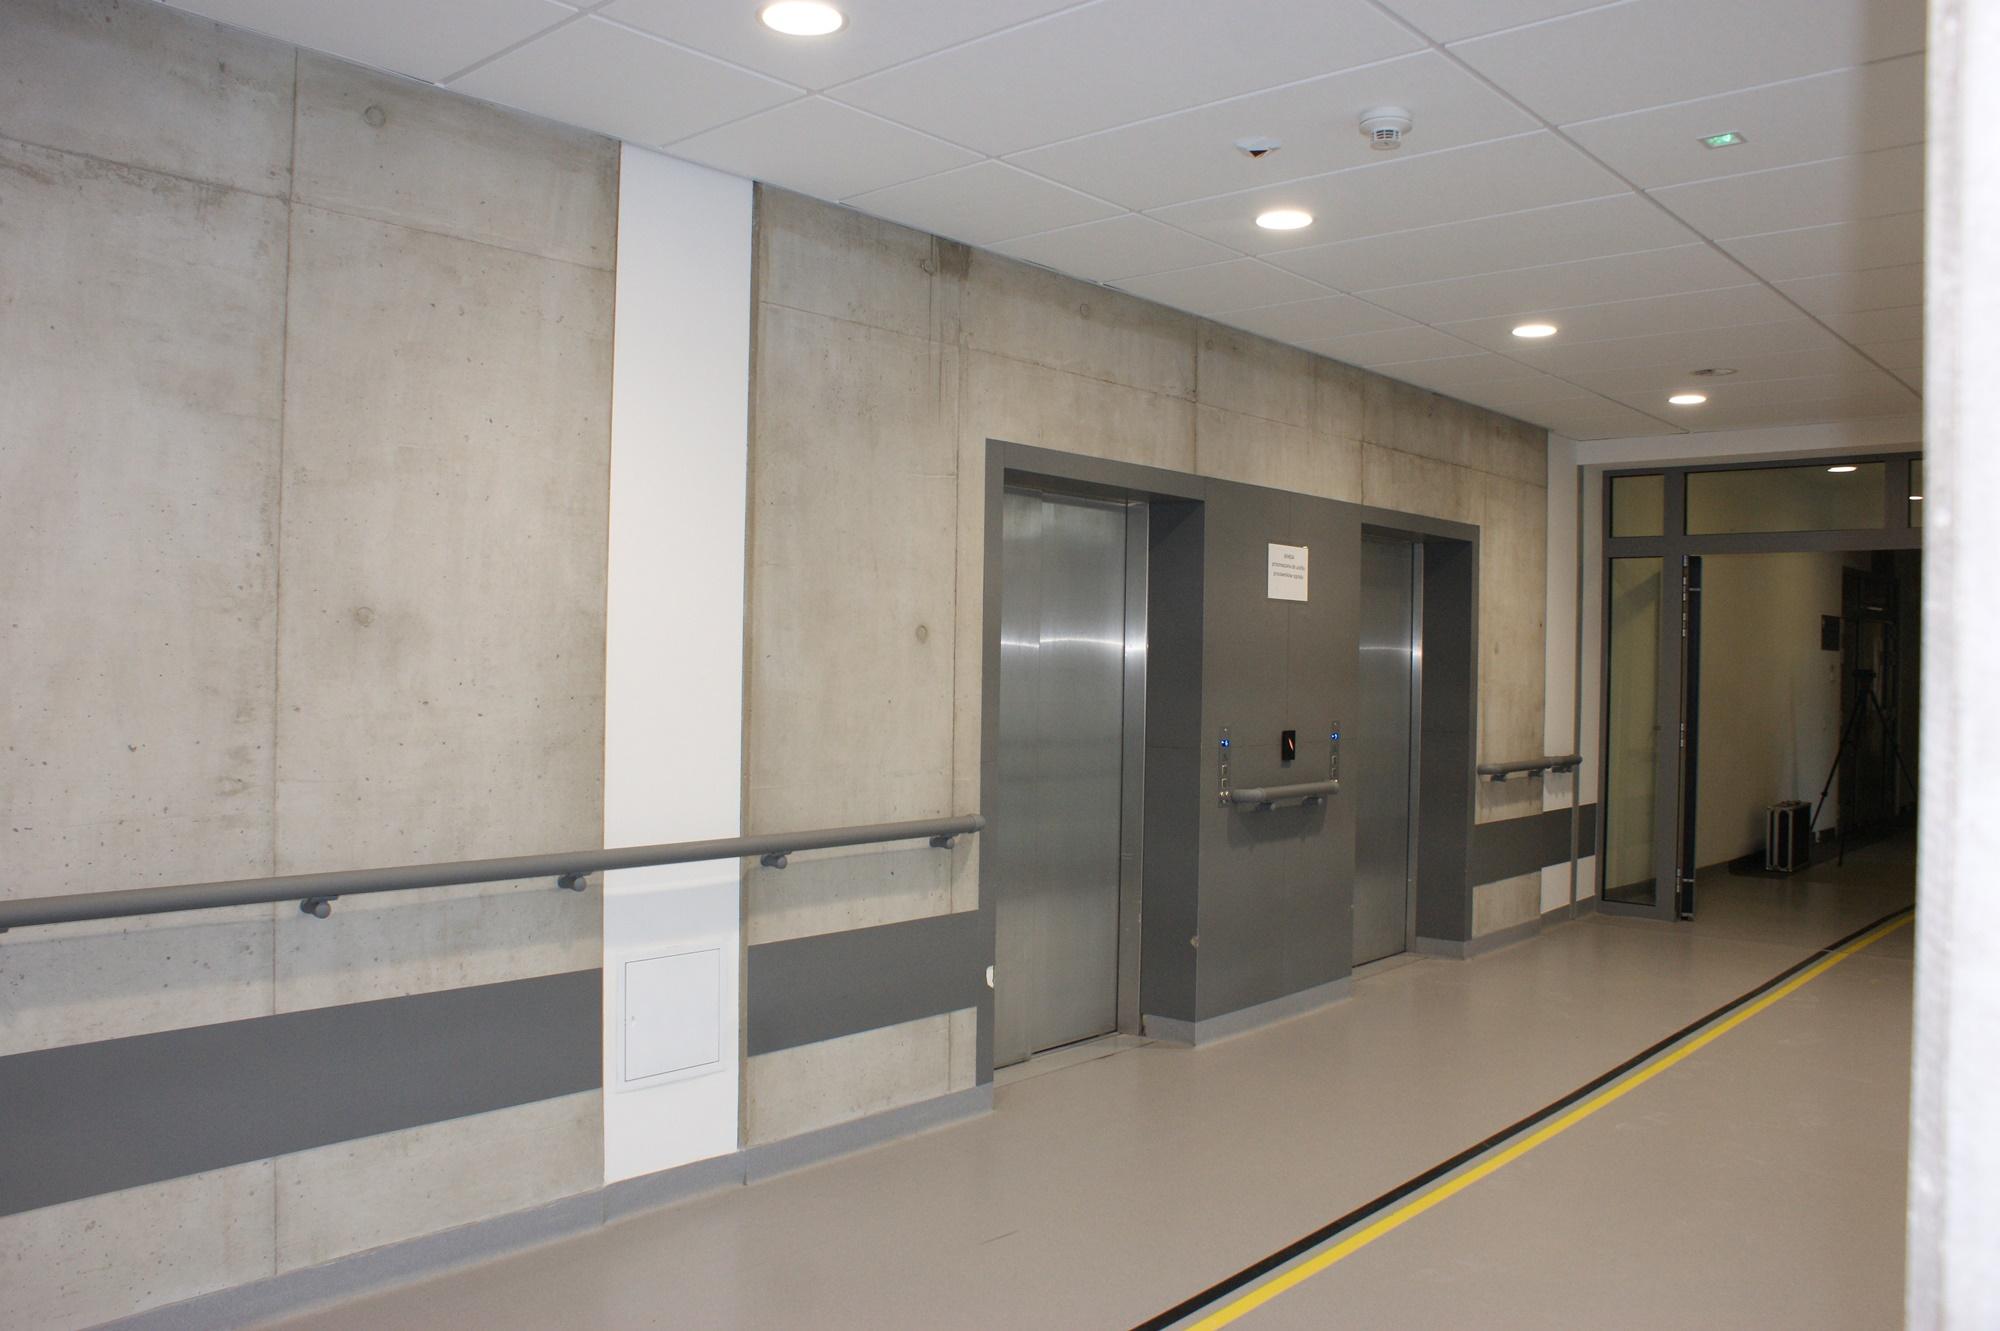 Szpital w Puszczykowie  Foto: M.Rutkowska-Kalisz / materiały prasowe